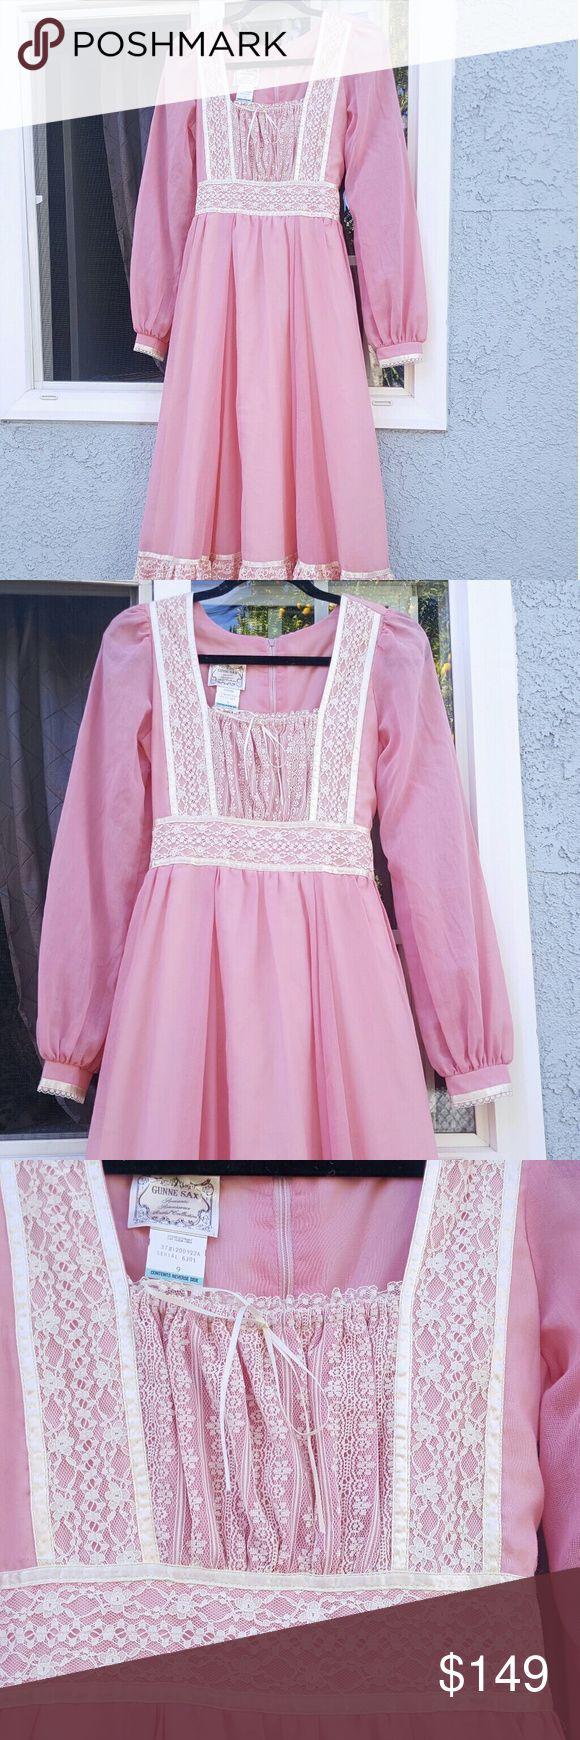 361 best Vintage Style Dresses/ Old Soul images on Pinterest ...